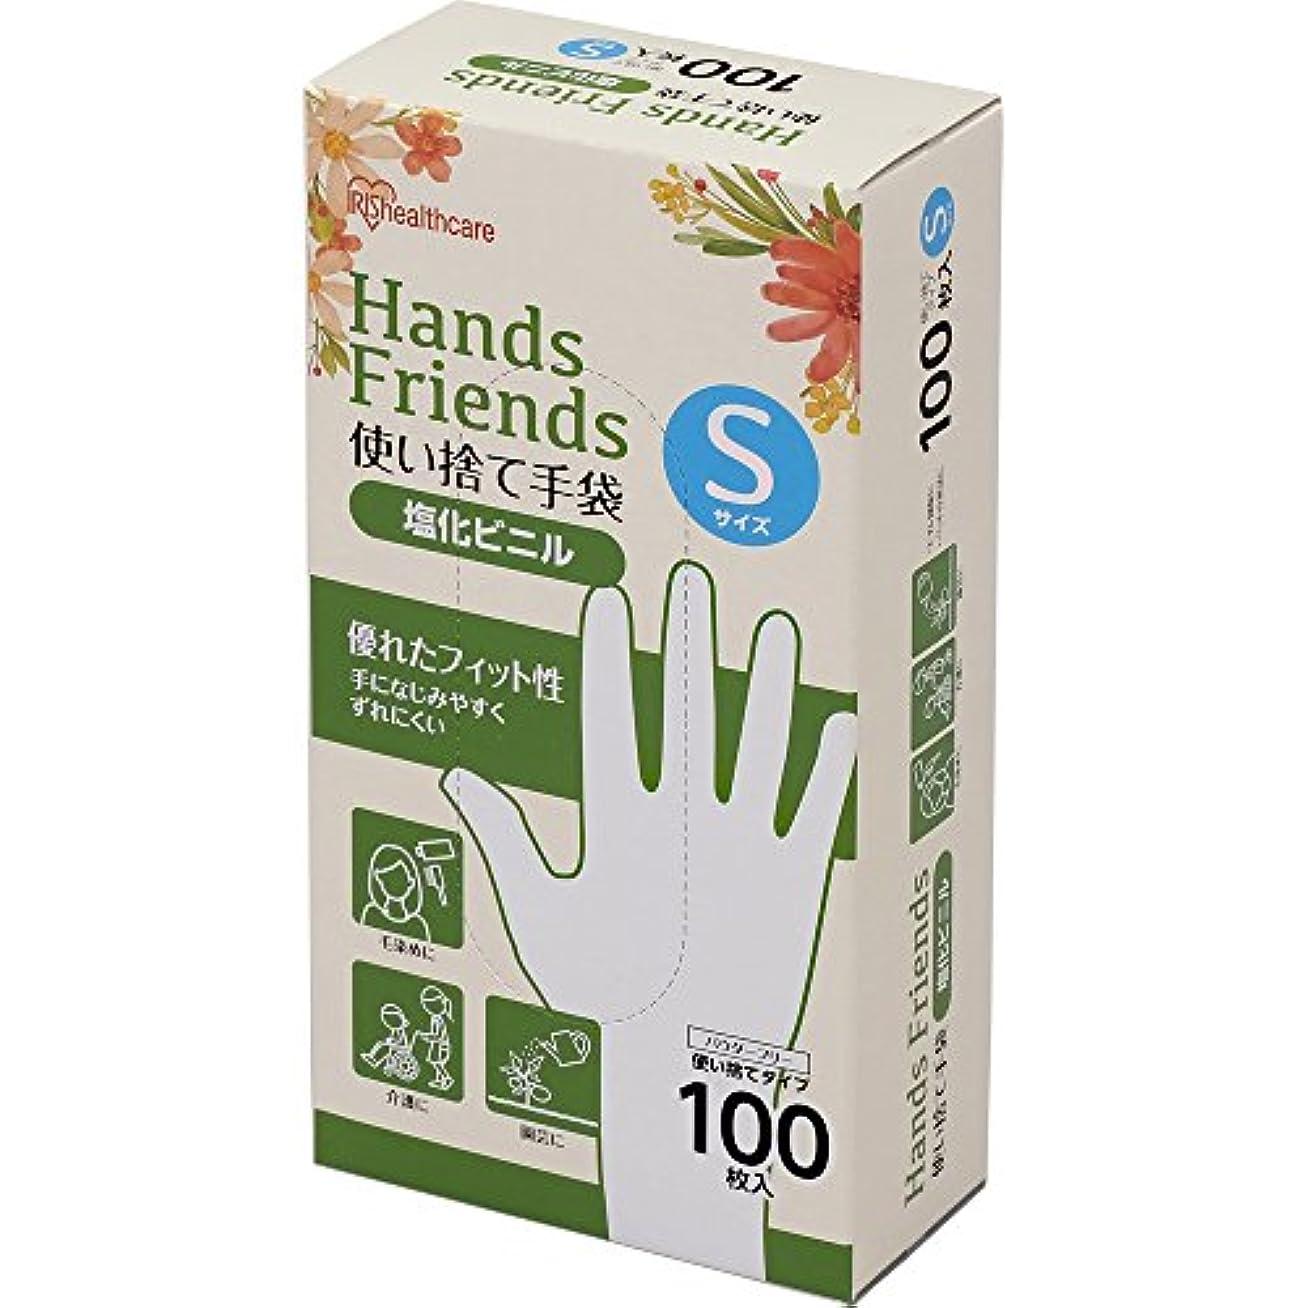 鉛筆週末スカーフ使い捨て手袋 クリア 塩化ビニル 100枚 Sサイズ PVC-100S